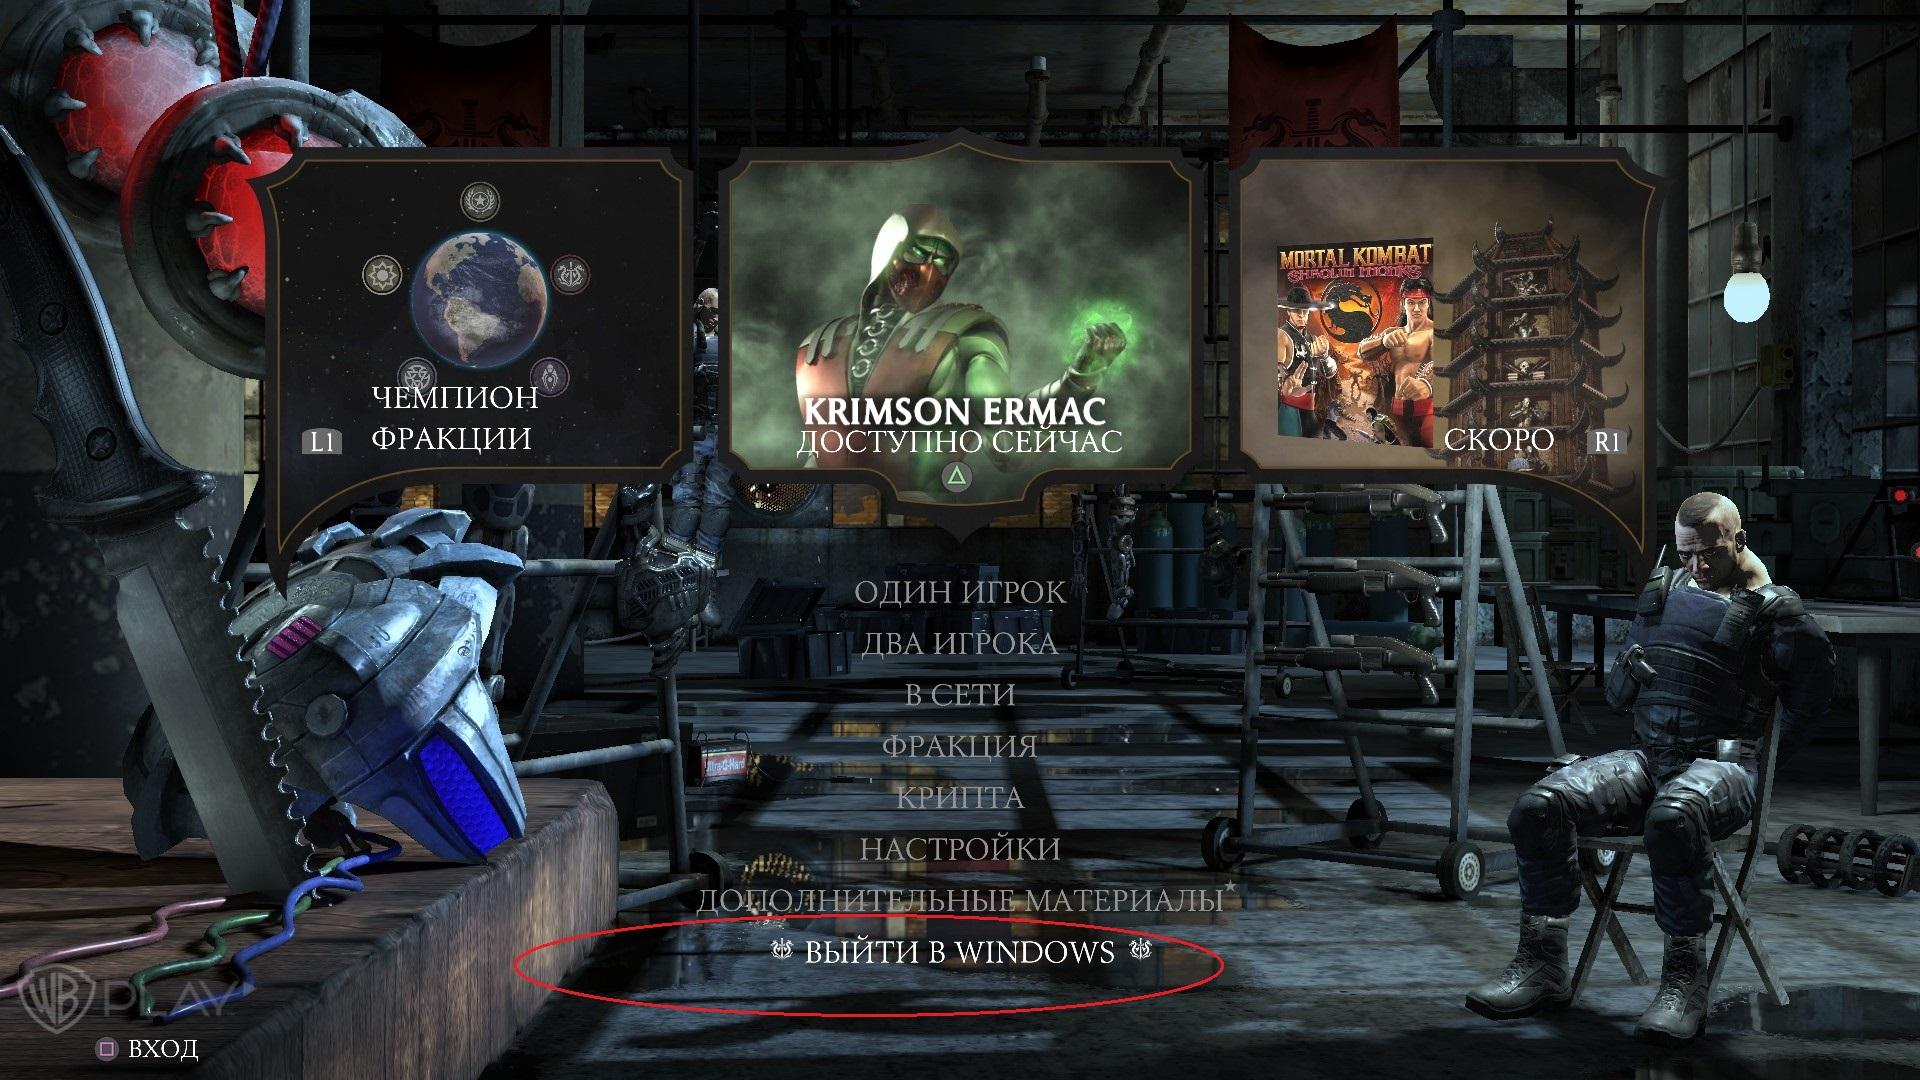 PC MK11 Dualshock 4.jpg - Mortal Kombat X